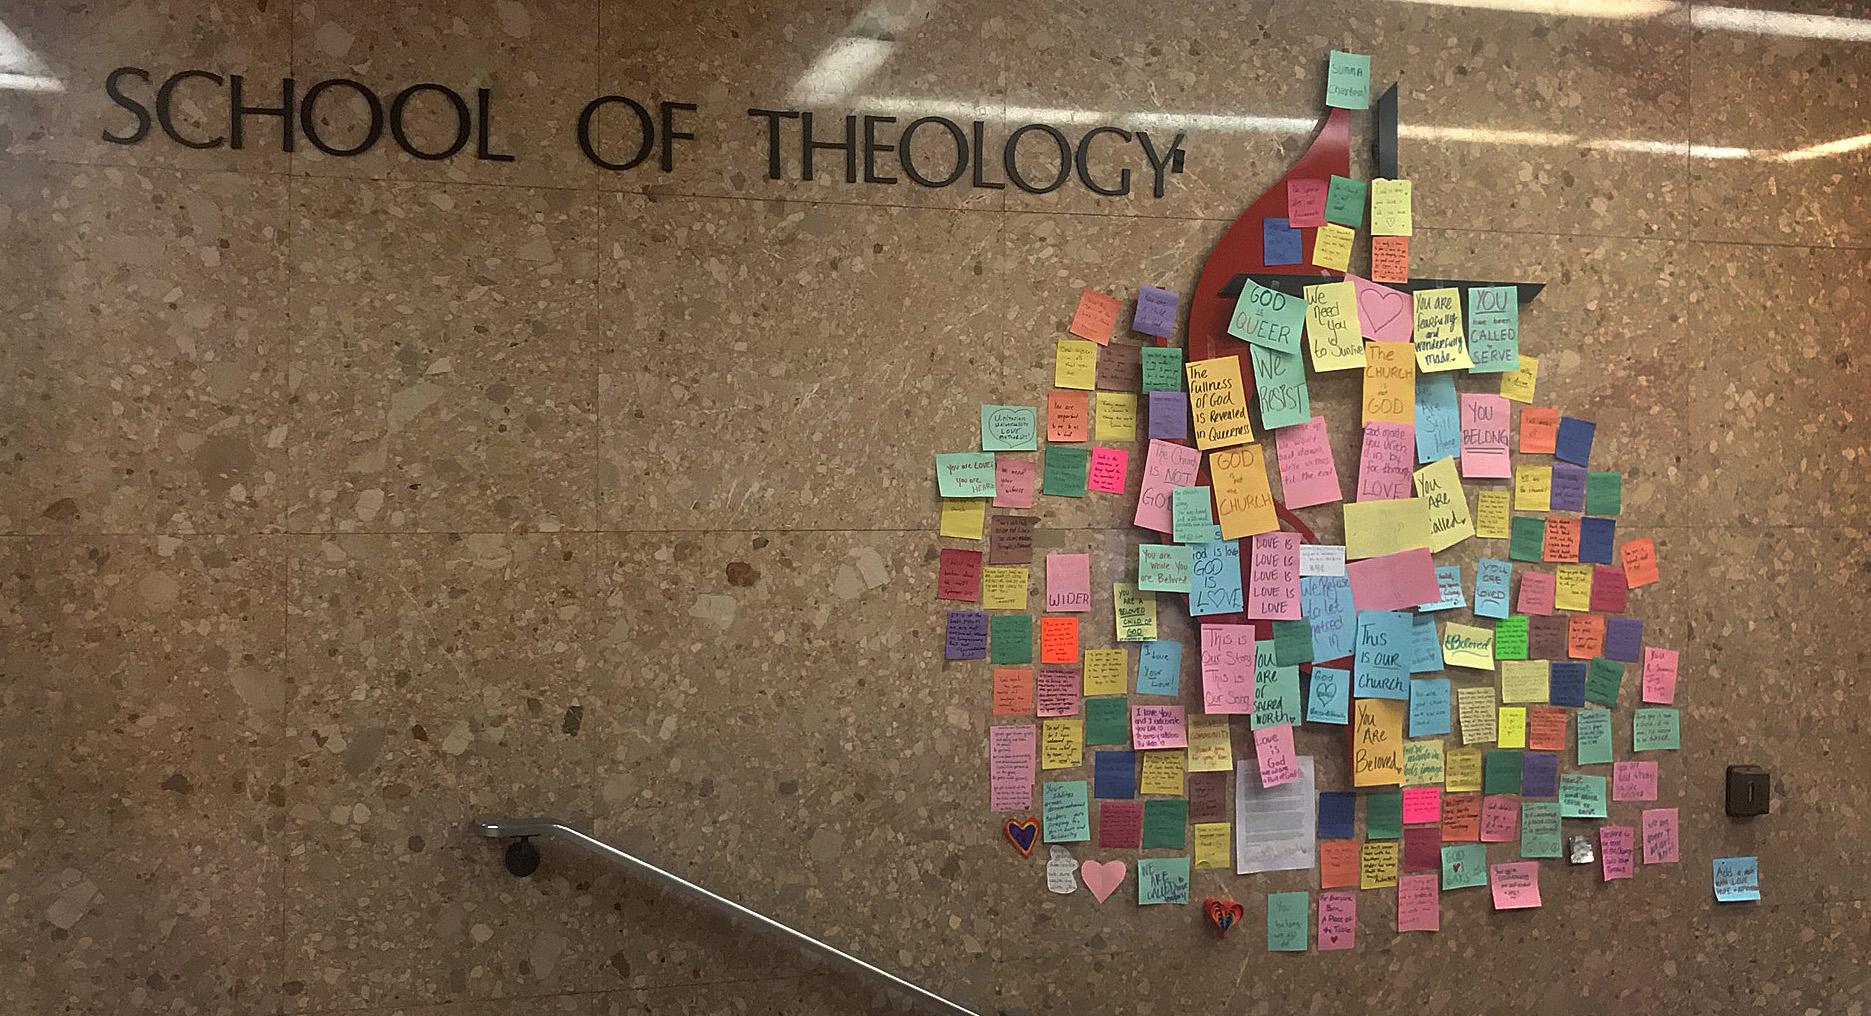 As mensagens de apoio aos estudantes LGBTQ cobrem a cruz e a chama da Metodista Unida em um corredor da Escola de Teologia de Boston depois que a Conferência Geral especial votou para afirmar e fortalecer as regras da denominação contra o clero gay e os casamentos entre pessoas do mesmo sexo. Foto de Anastasia Kidd, Escola de Teologia de Boston